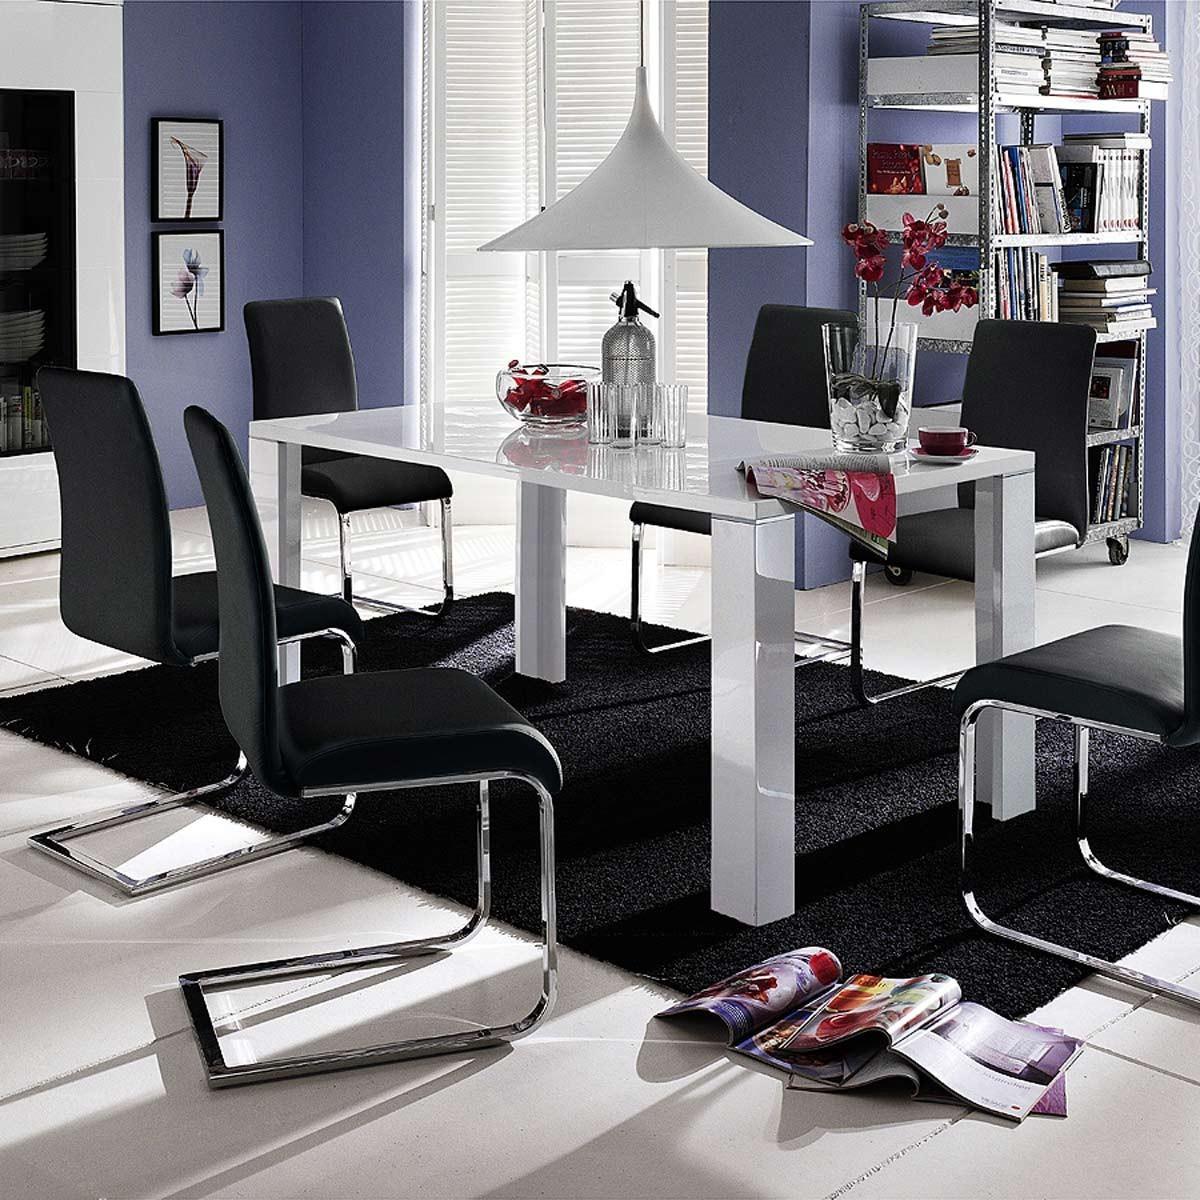 kuchentisch weis hochglanz die neuesten innenarchitekturideen. Black Bedroom Furniture Sets. Home Design Ideas